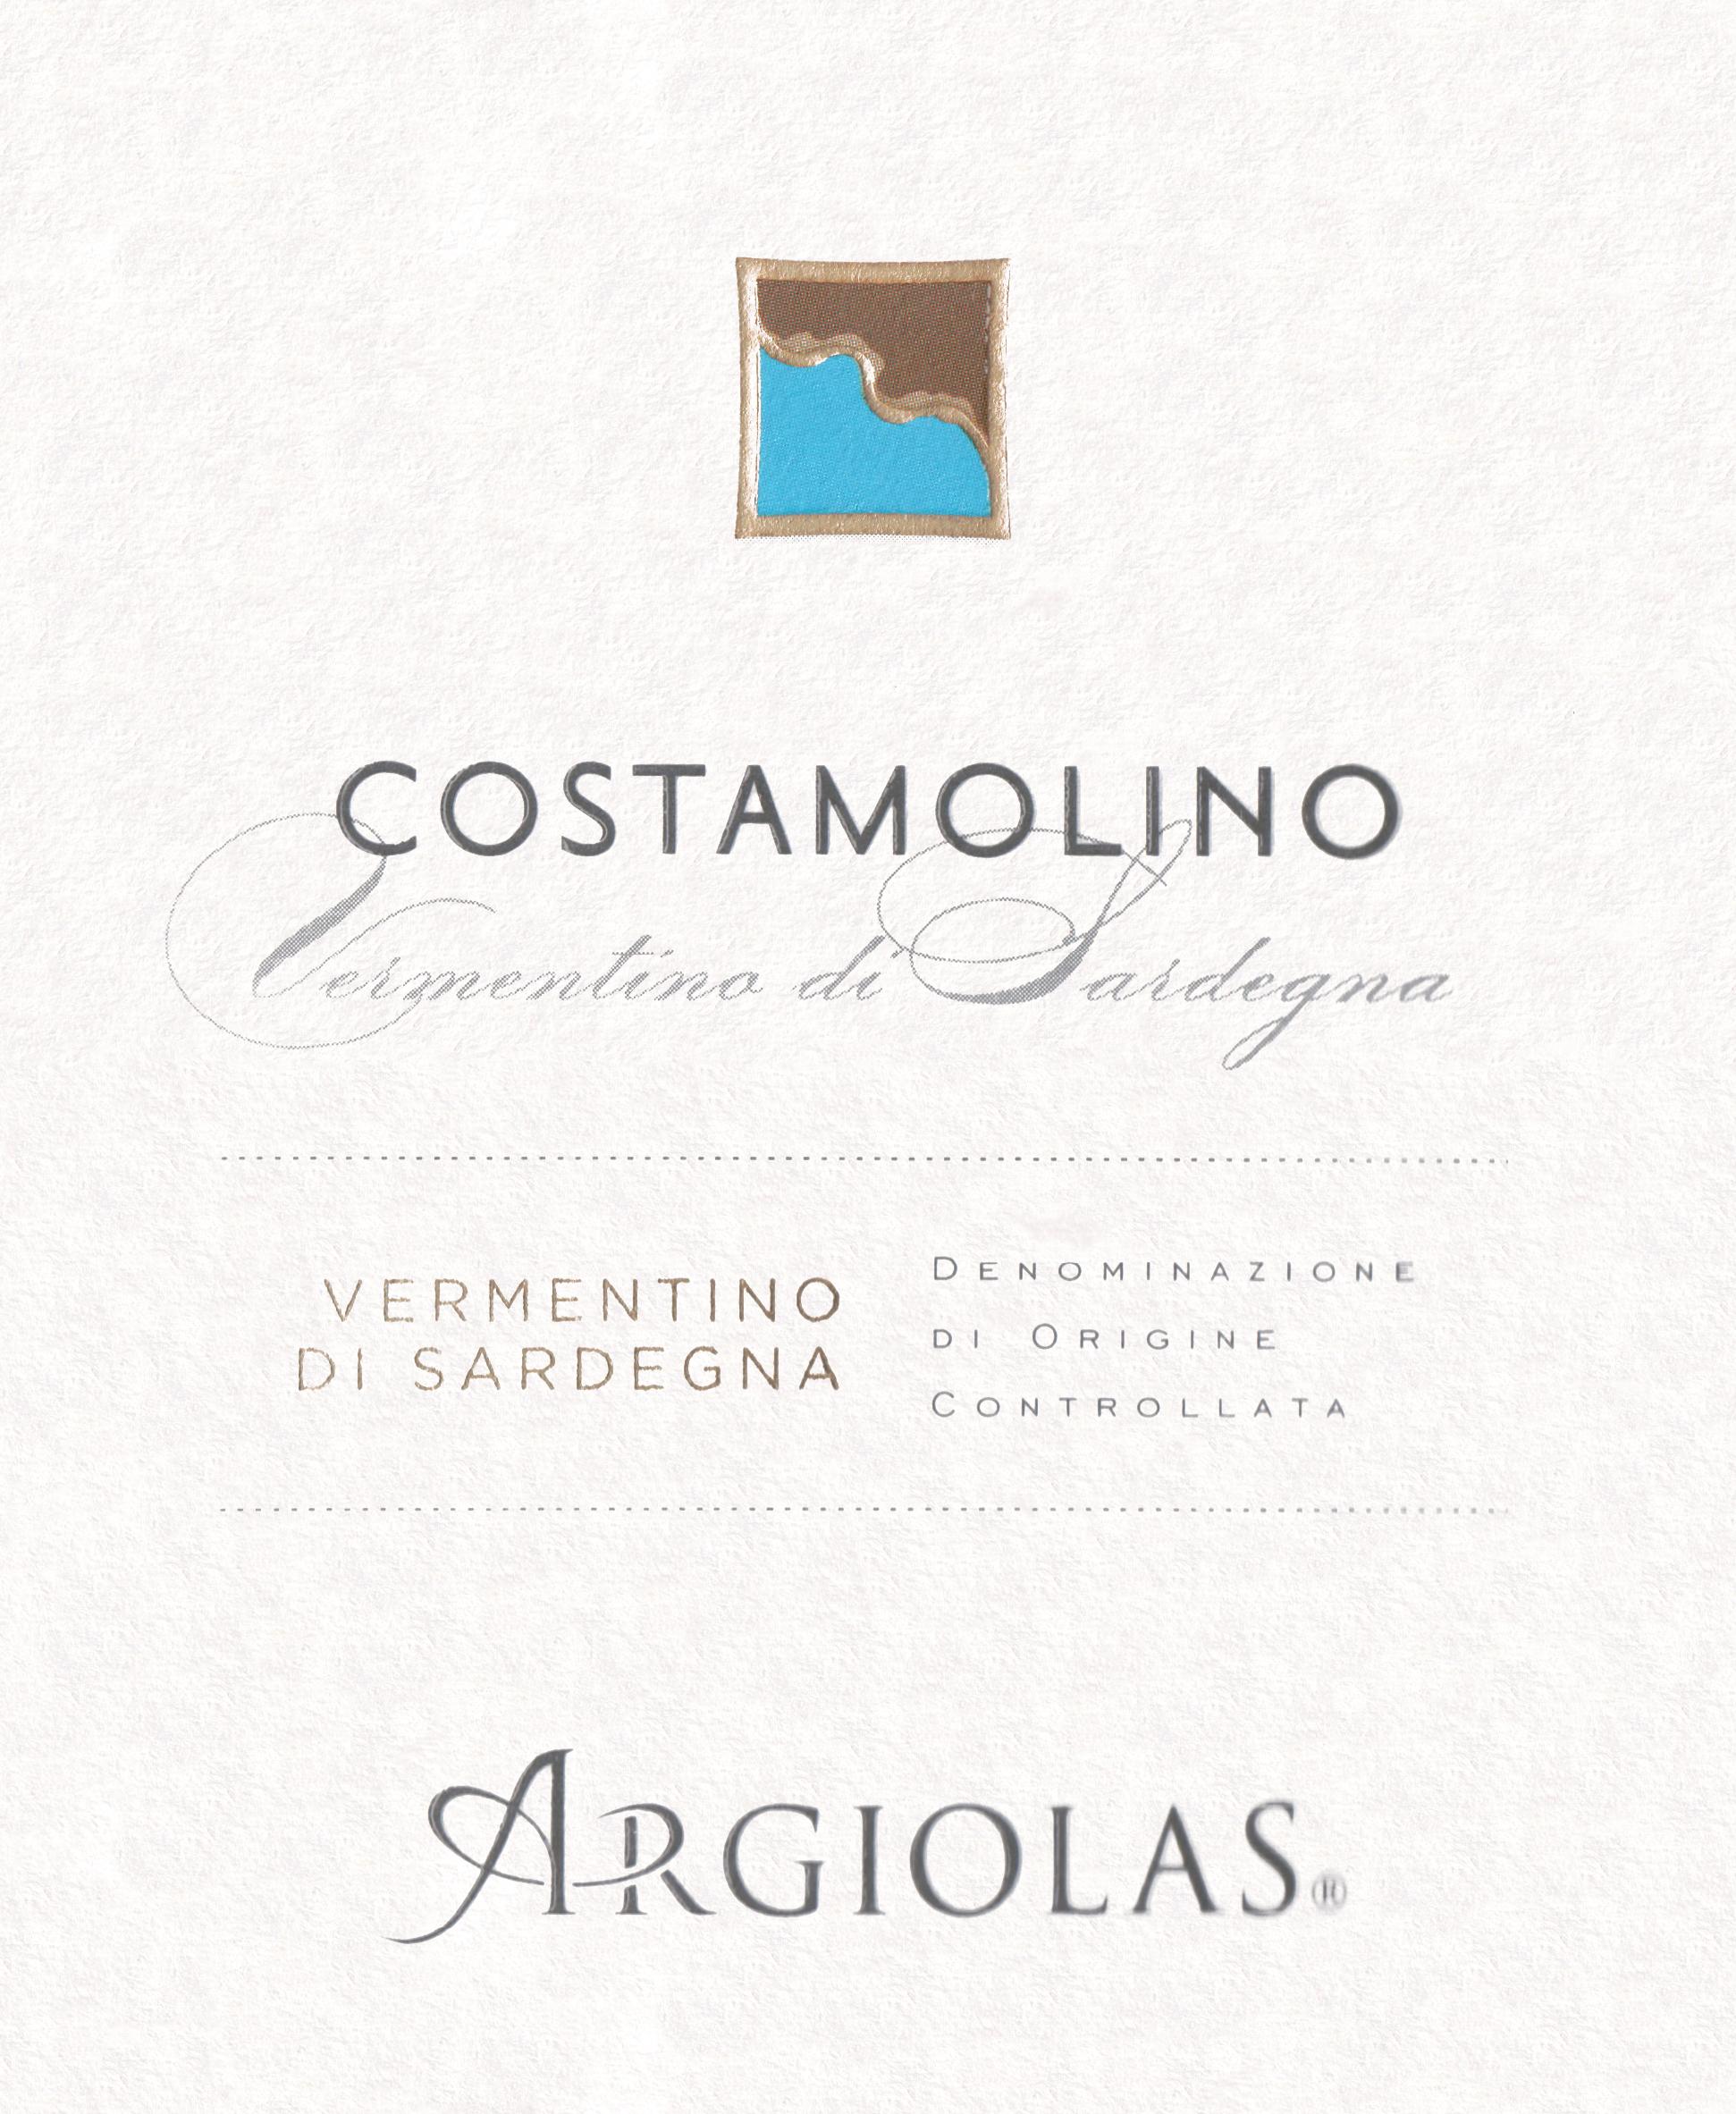 Argiolas Costamolino 2019